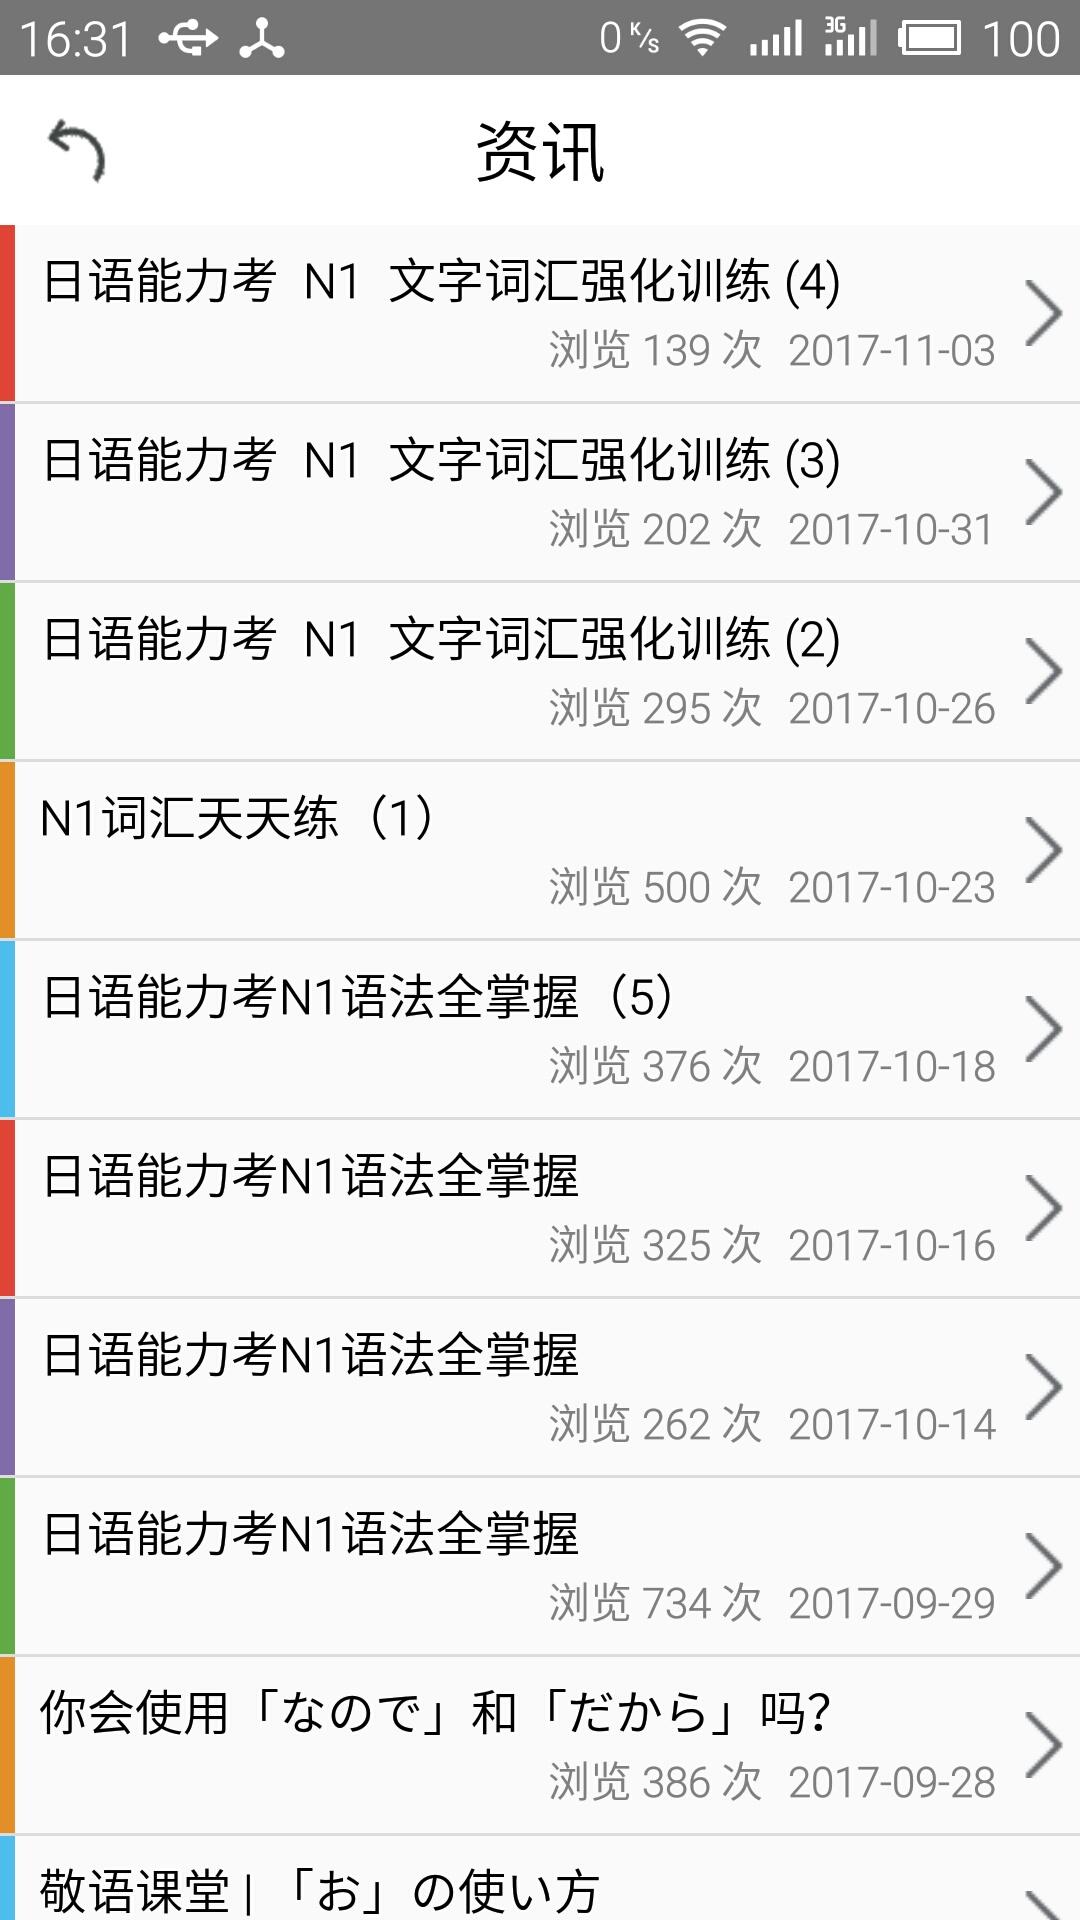 日语N1考试官